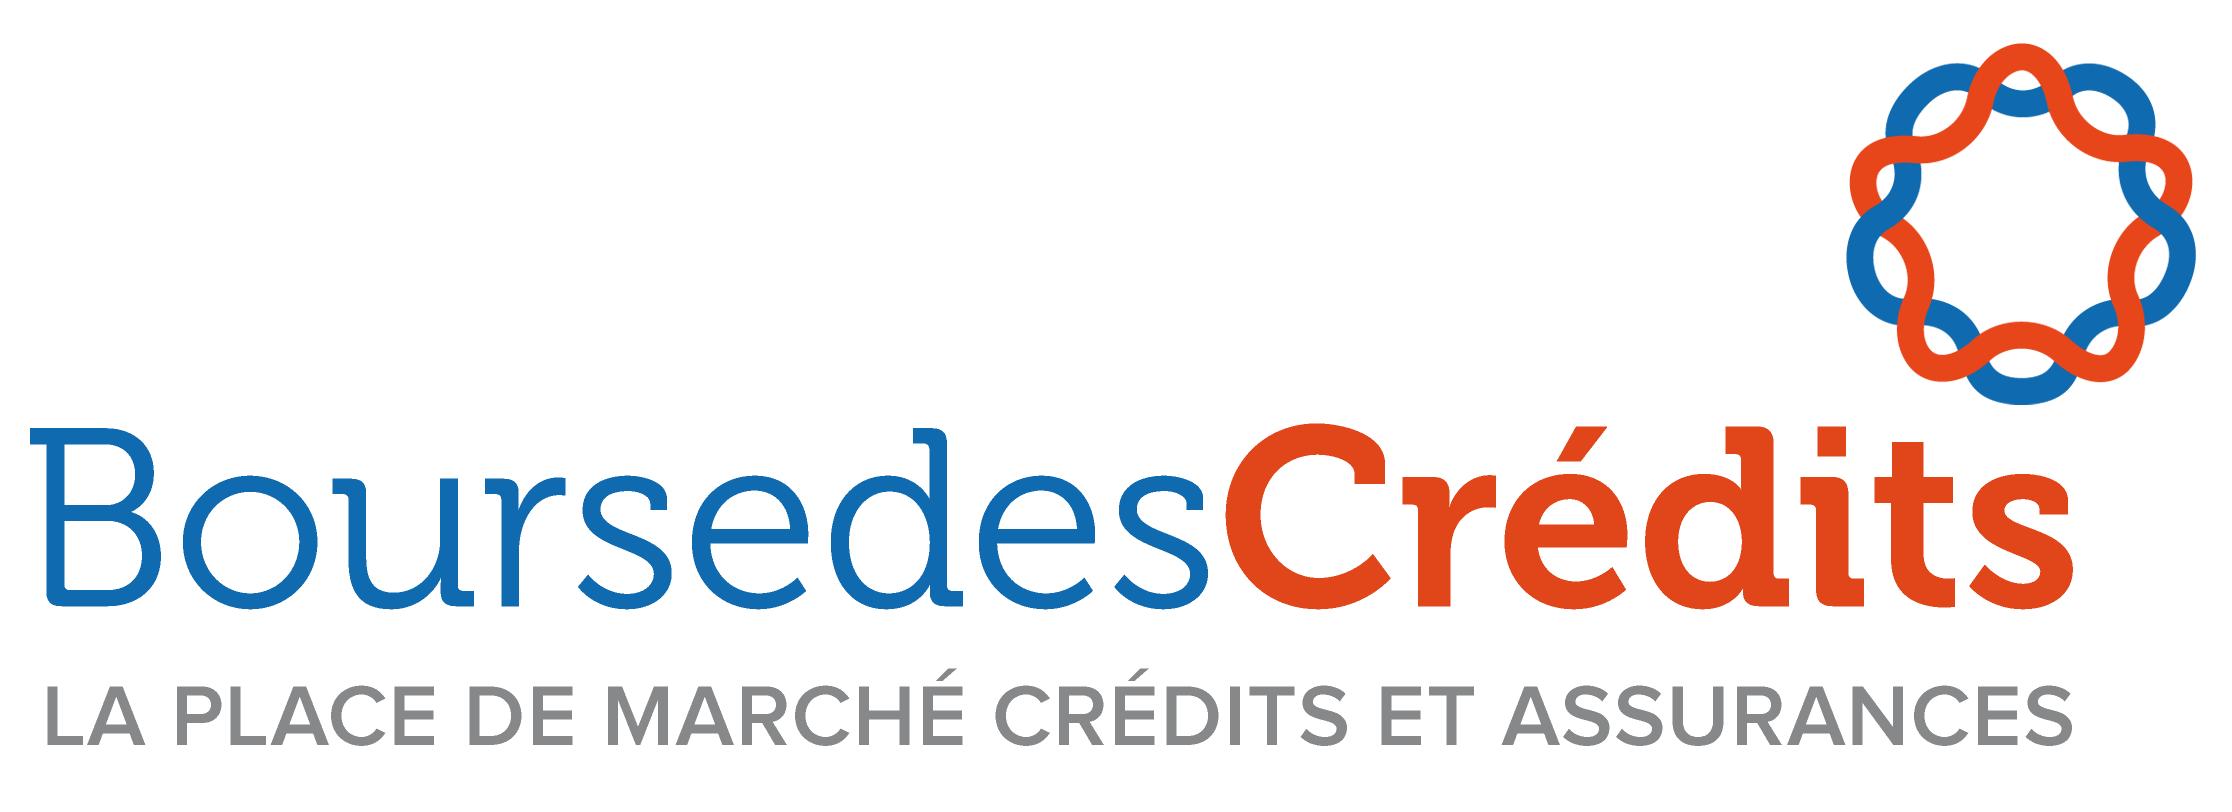 Logo Bourse des Crédits